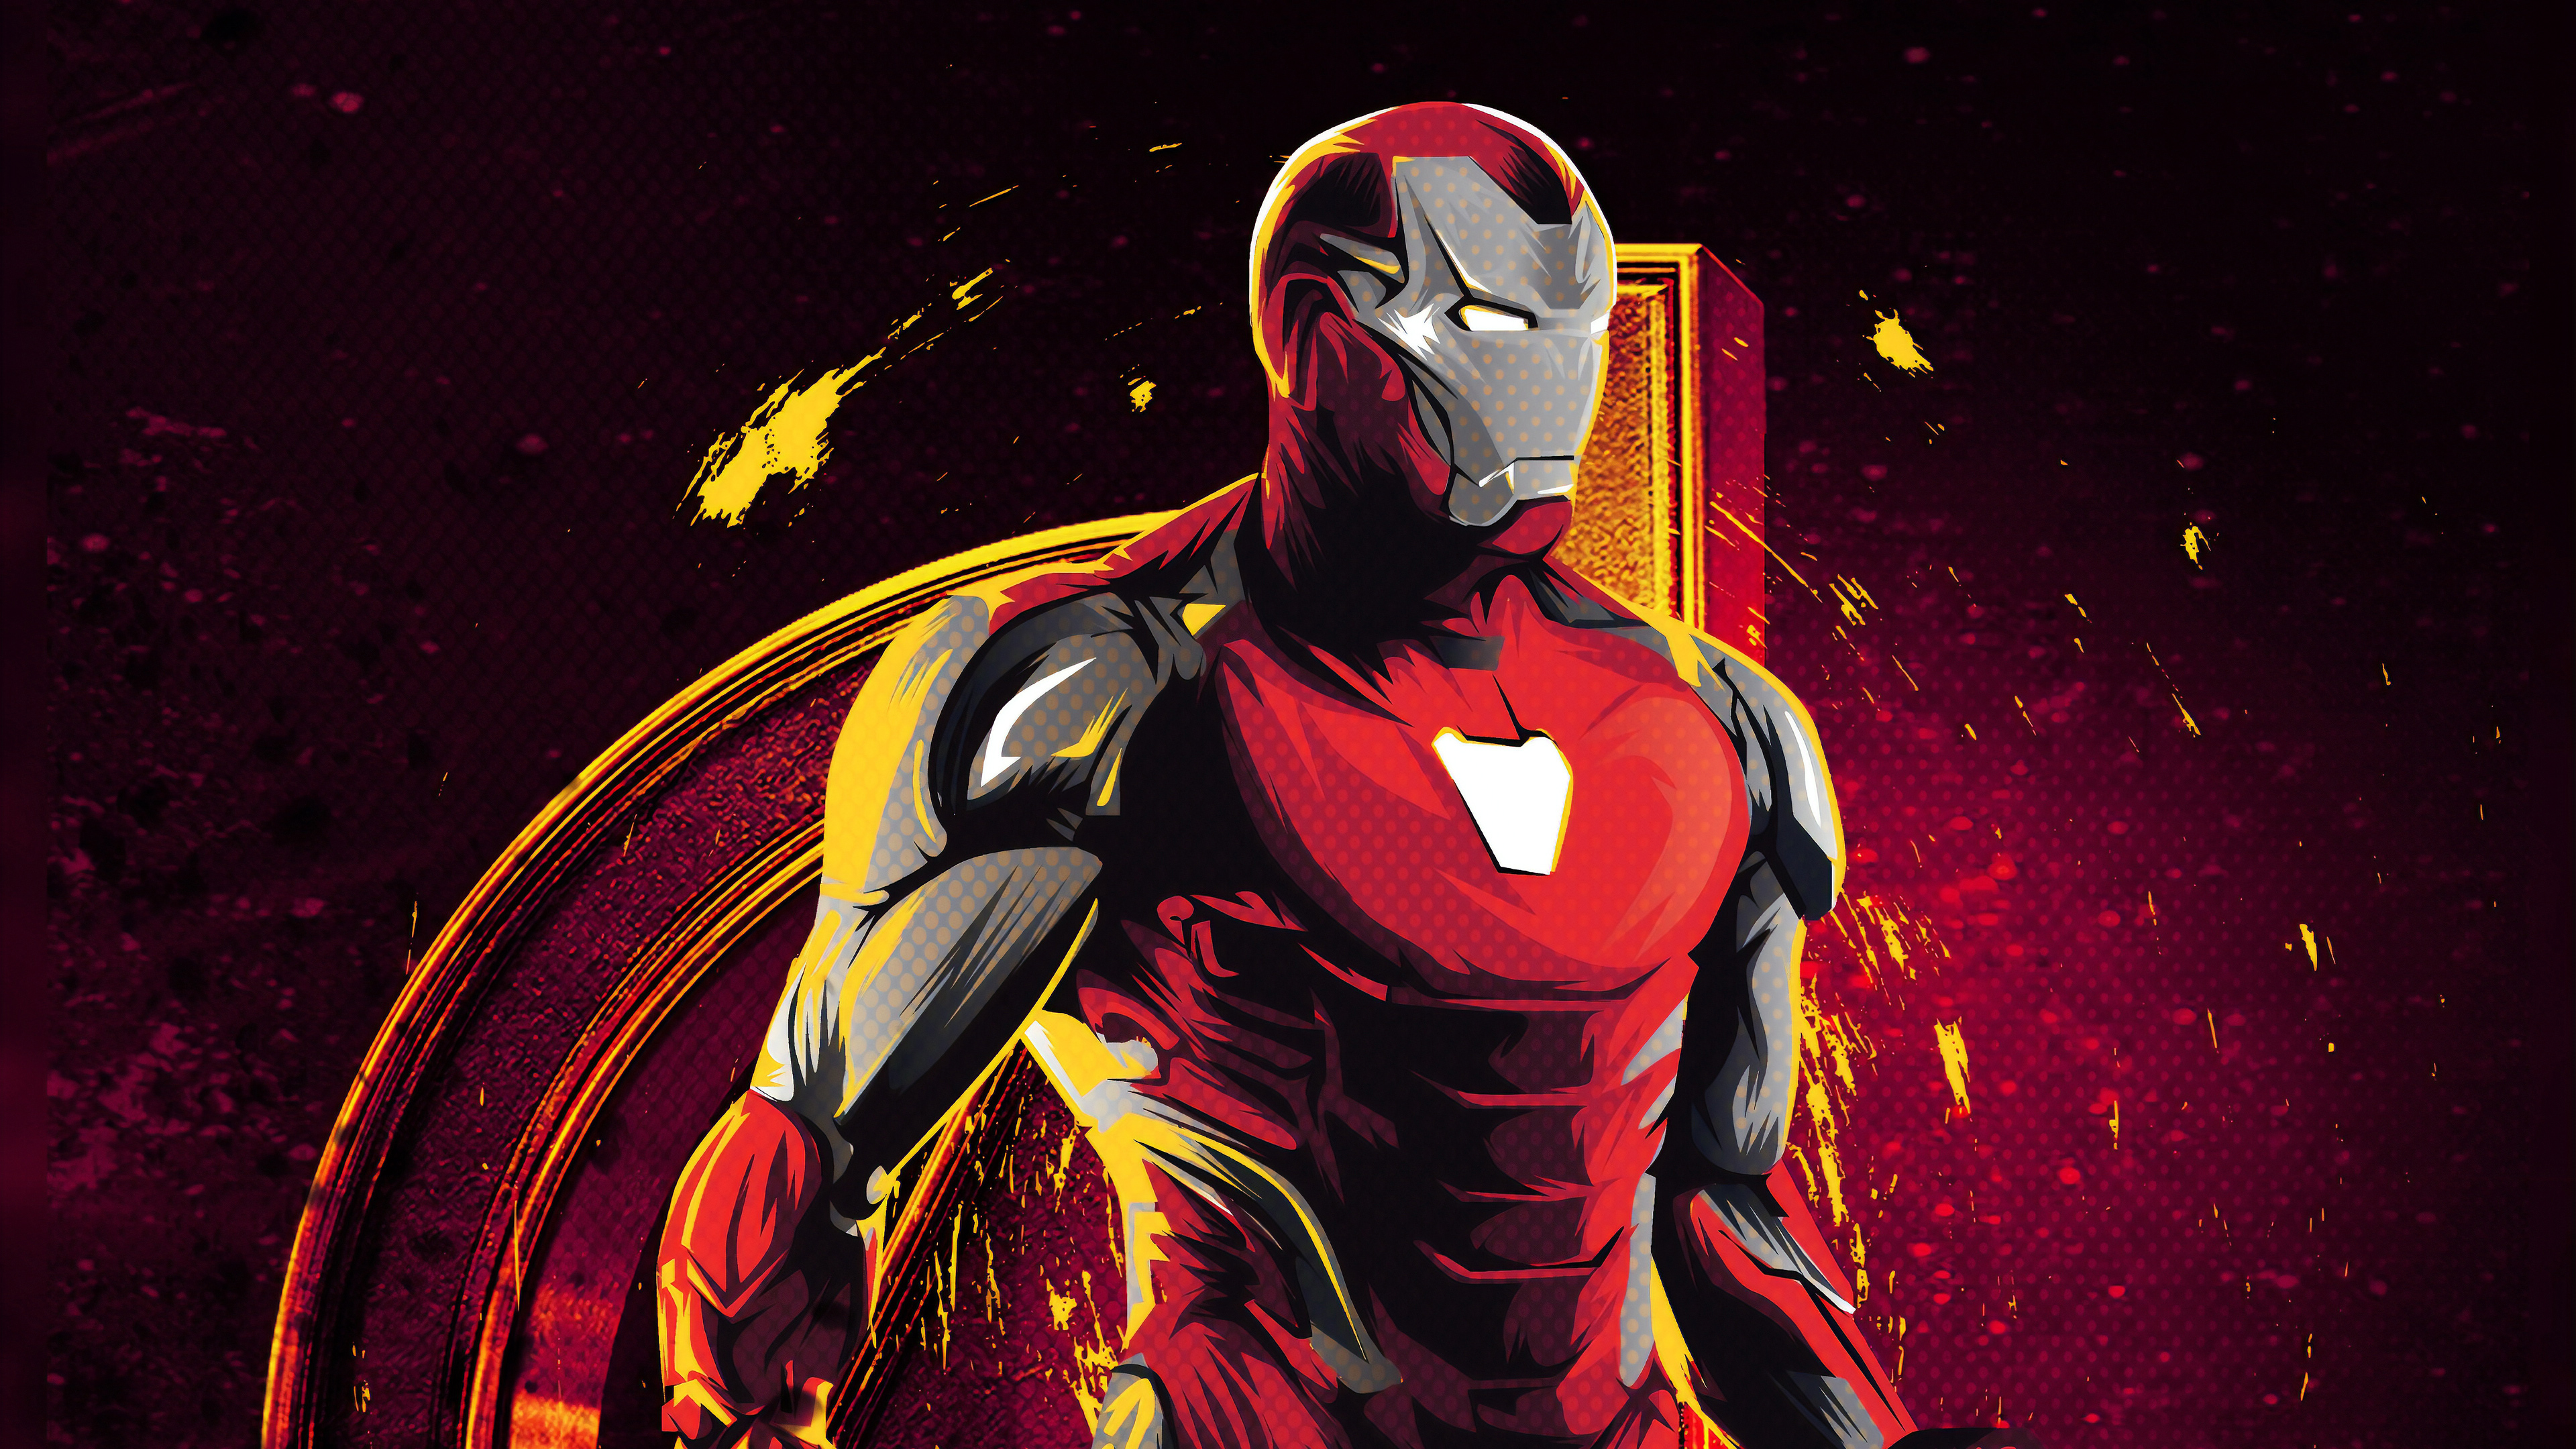 Wallpaper 4k Iron Man Avenger 4k Wallpapers Artwork